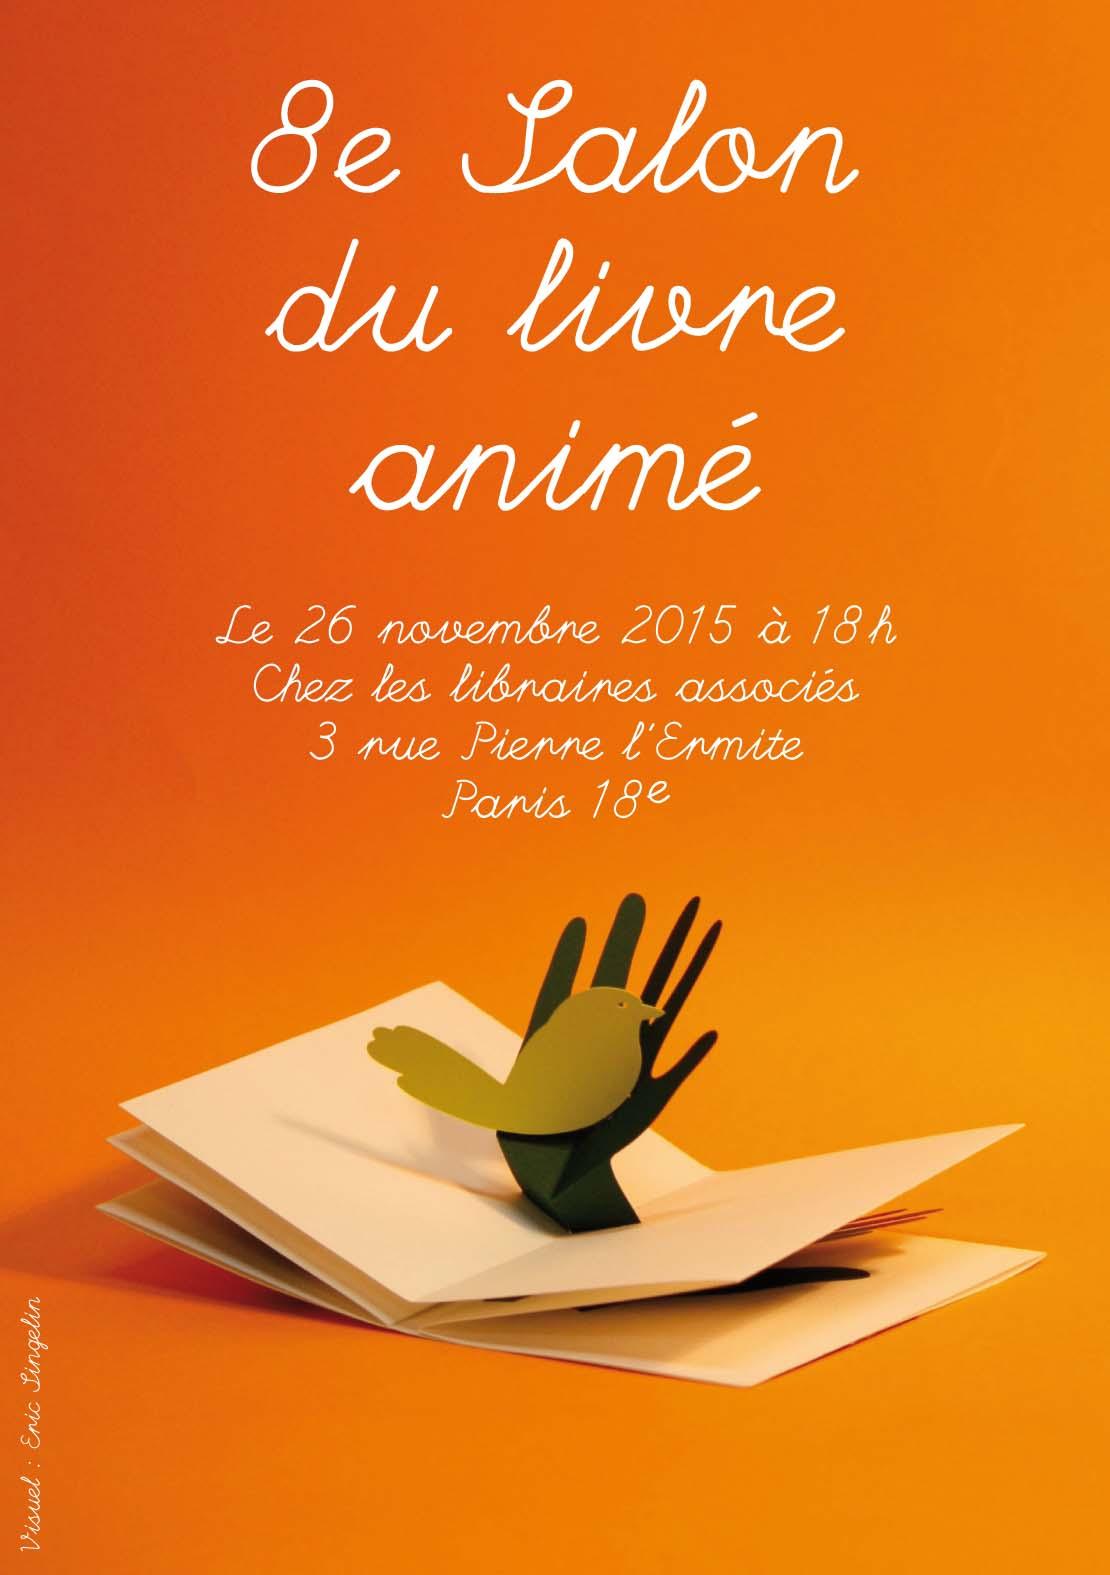 La boutique du livre anim 8e salon du livre anim - Salon du livre brive 2015 ...